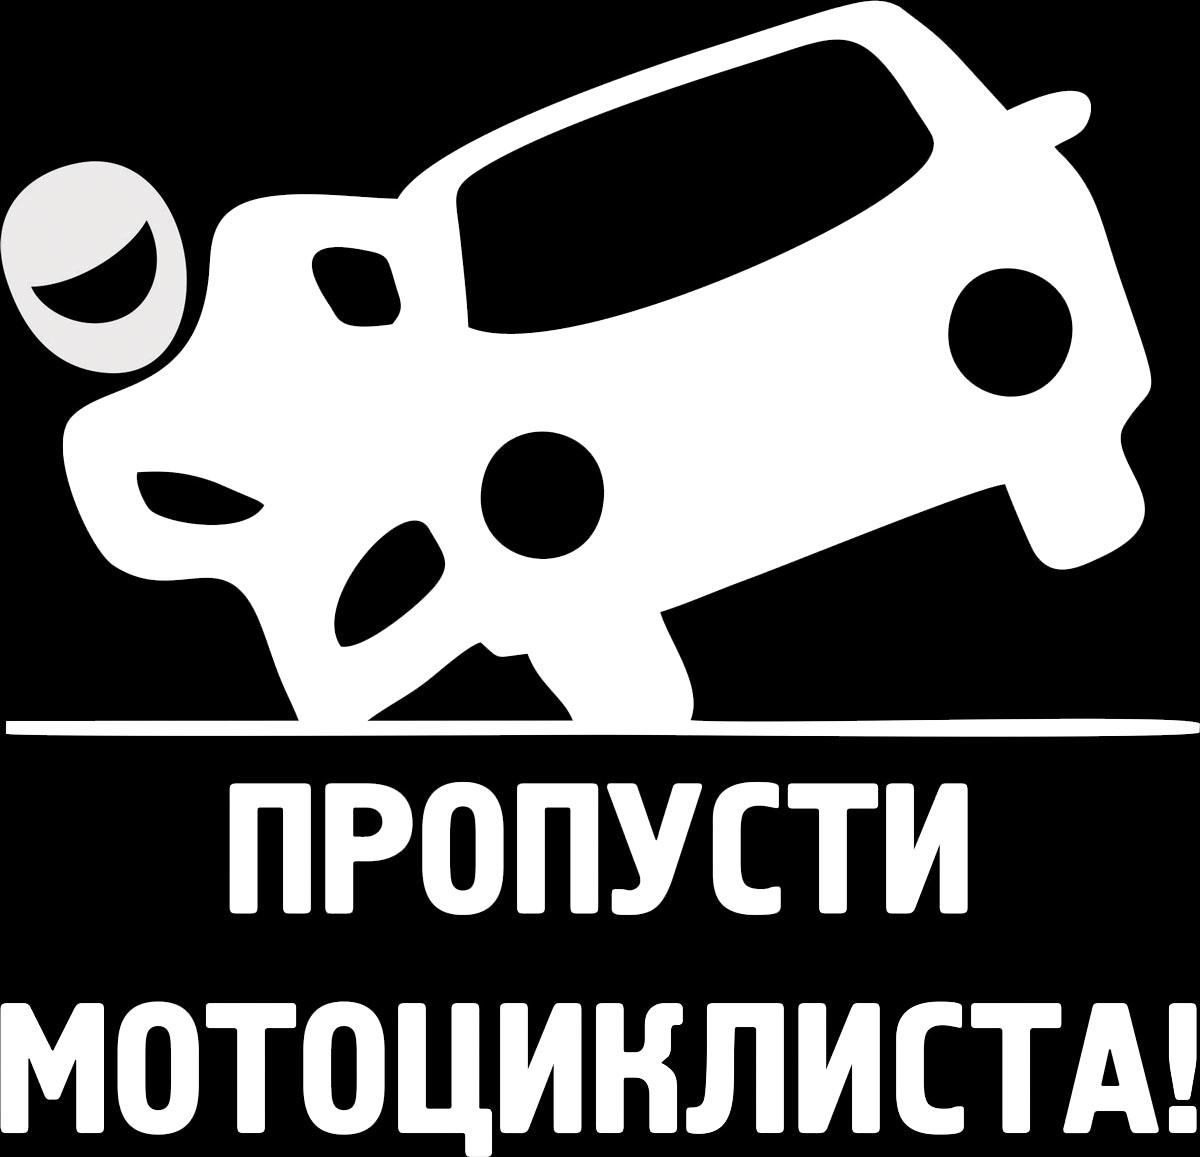 Наклейка автомобильная Оранжевый слоник Пропусти мотоциклиста!, виниловая, цвет: белыйPH6033Оригинальная наклейка Оранжевый слоник Пропусти мотоциклиста! изготовлена из высококачественной виниловой пленки, которая выполняет не только декоративную функцию, но и защищает кузов автомобиля от небольших механических повреждений, либо скрывает уже существующие.Виниловые наклейки на автомобиль - это не только красиво, но еще и быстро! Всего за несколько минут вы можете полностью преобразить свой автомобиль, сделать его ярким, необычным, особенным и неповторимым!